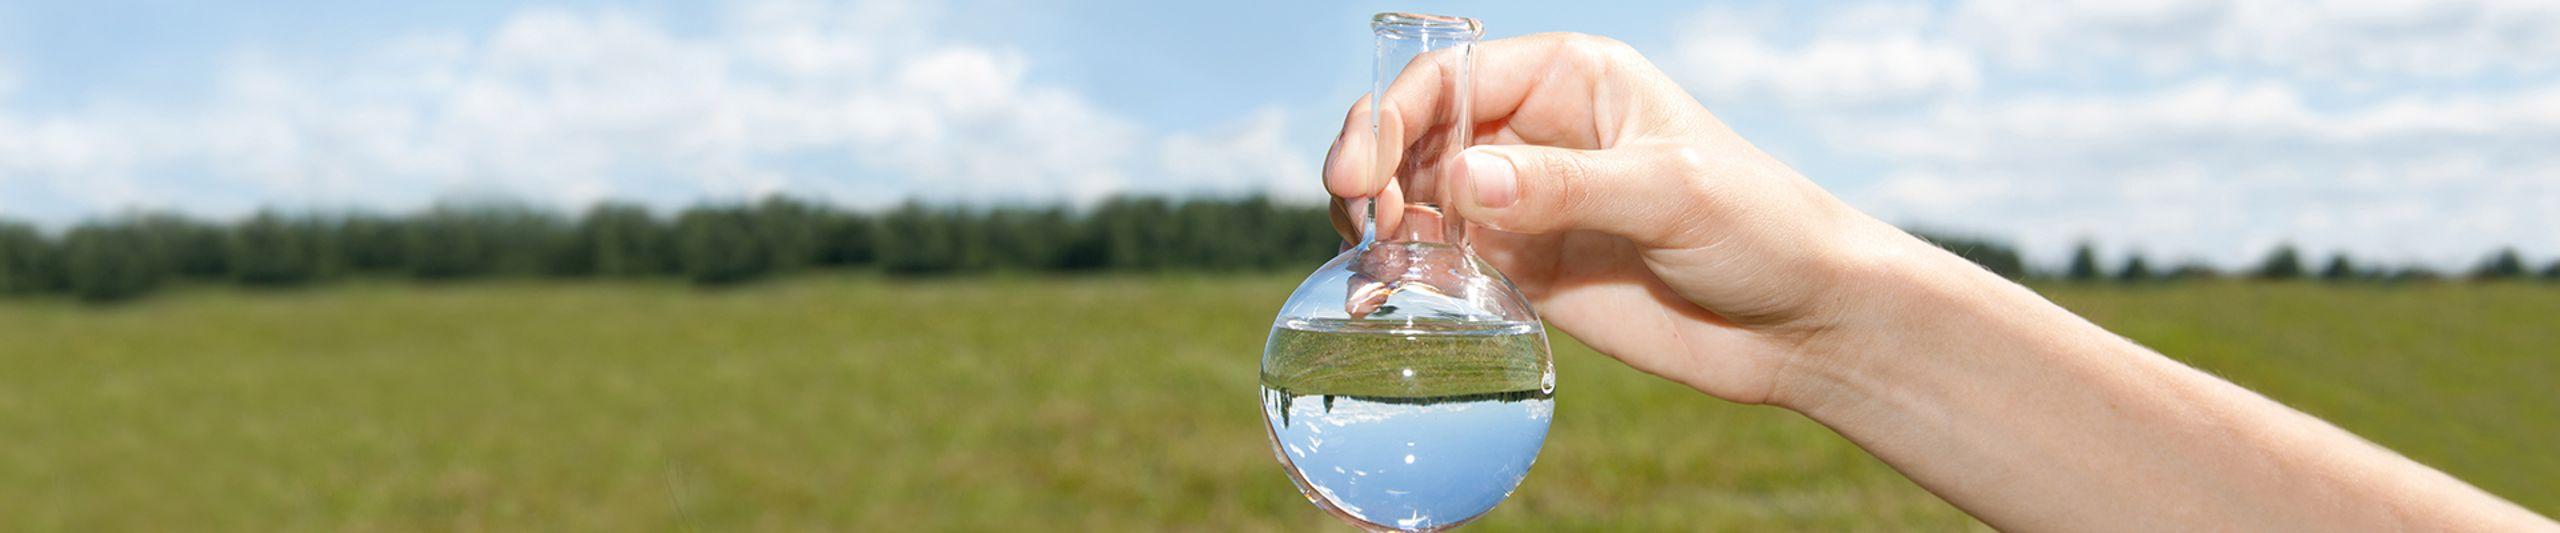 Abwasserbehandlung und -aufbereitung